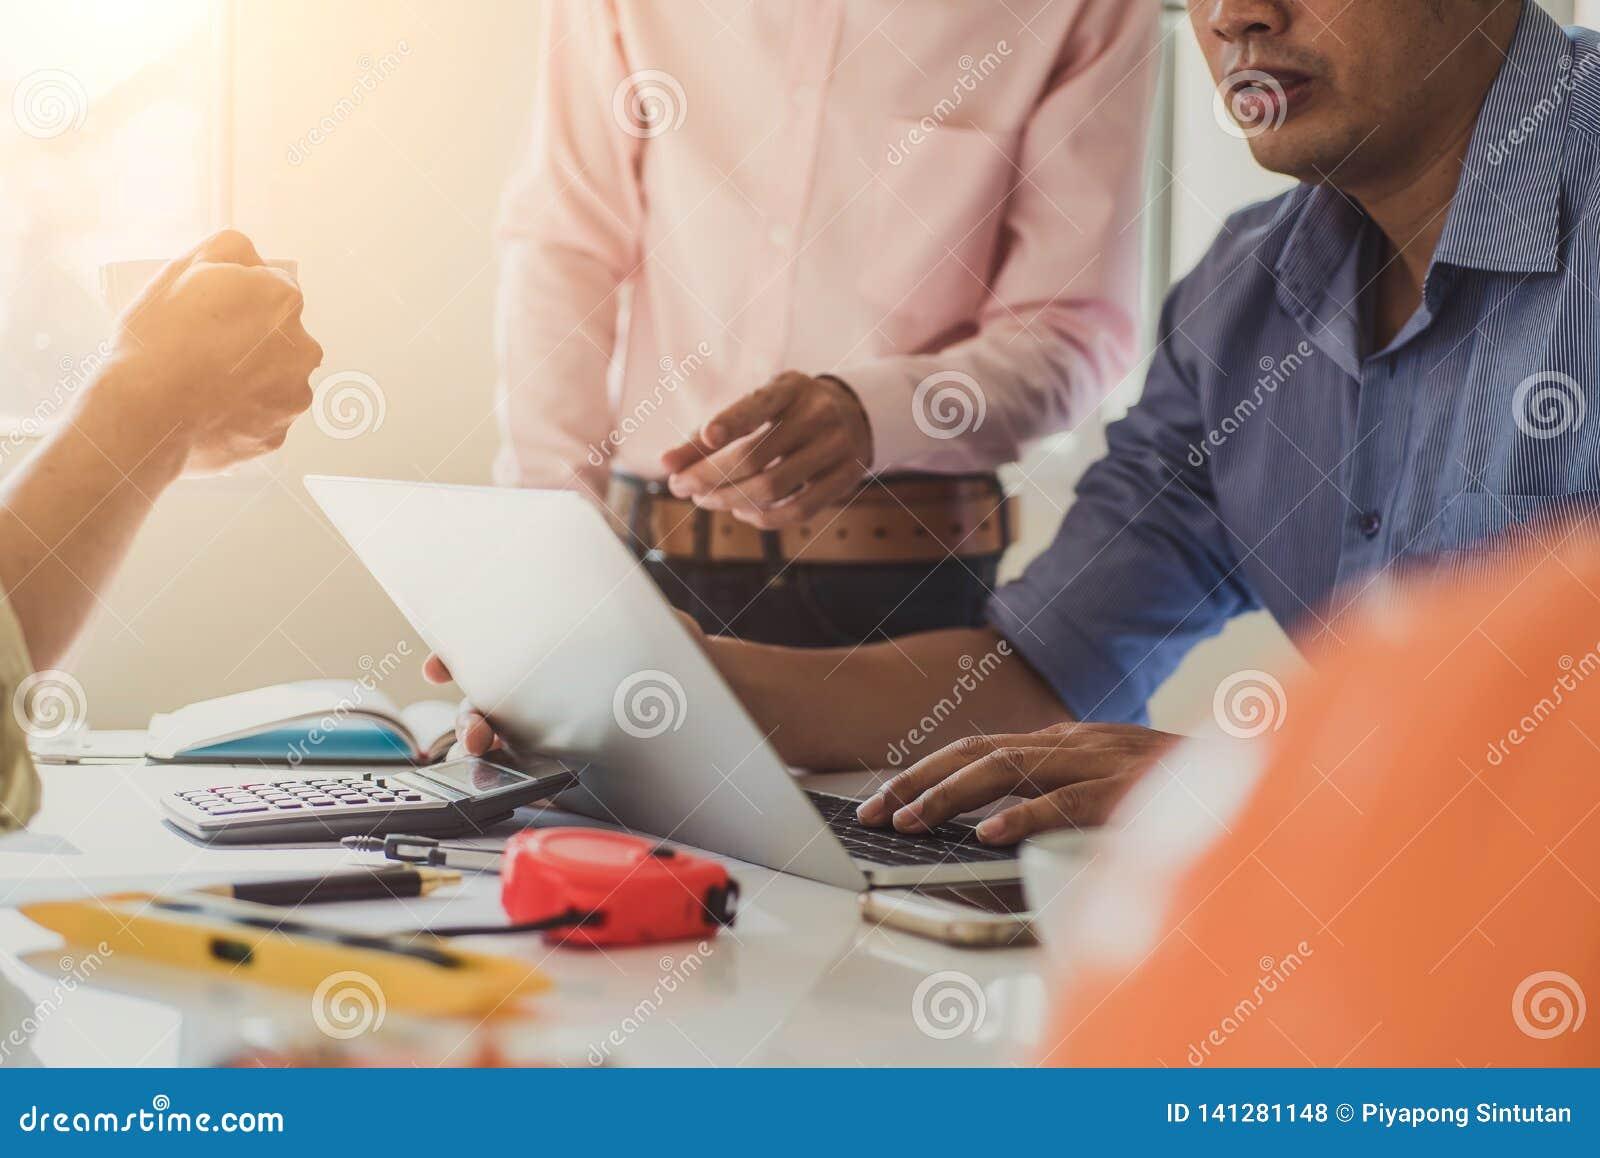 Азиатские бизнесмены группового обсуждения архитектора на встрече светокопий конструкции планируют Инструменты инженерства констр